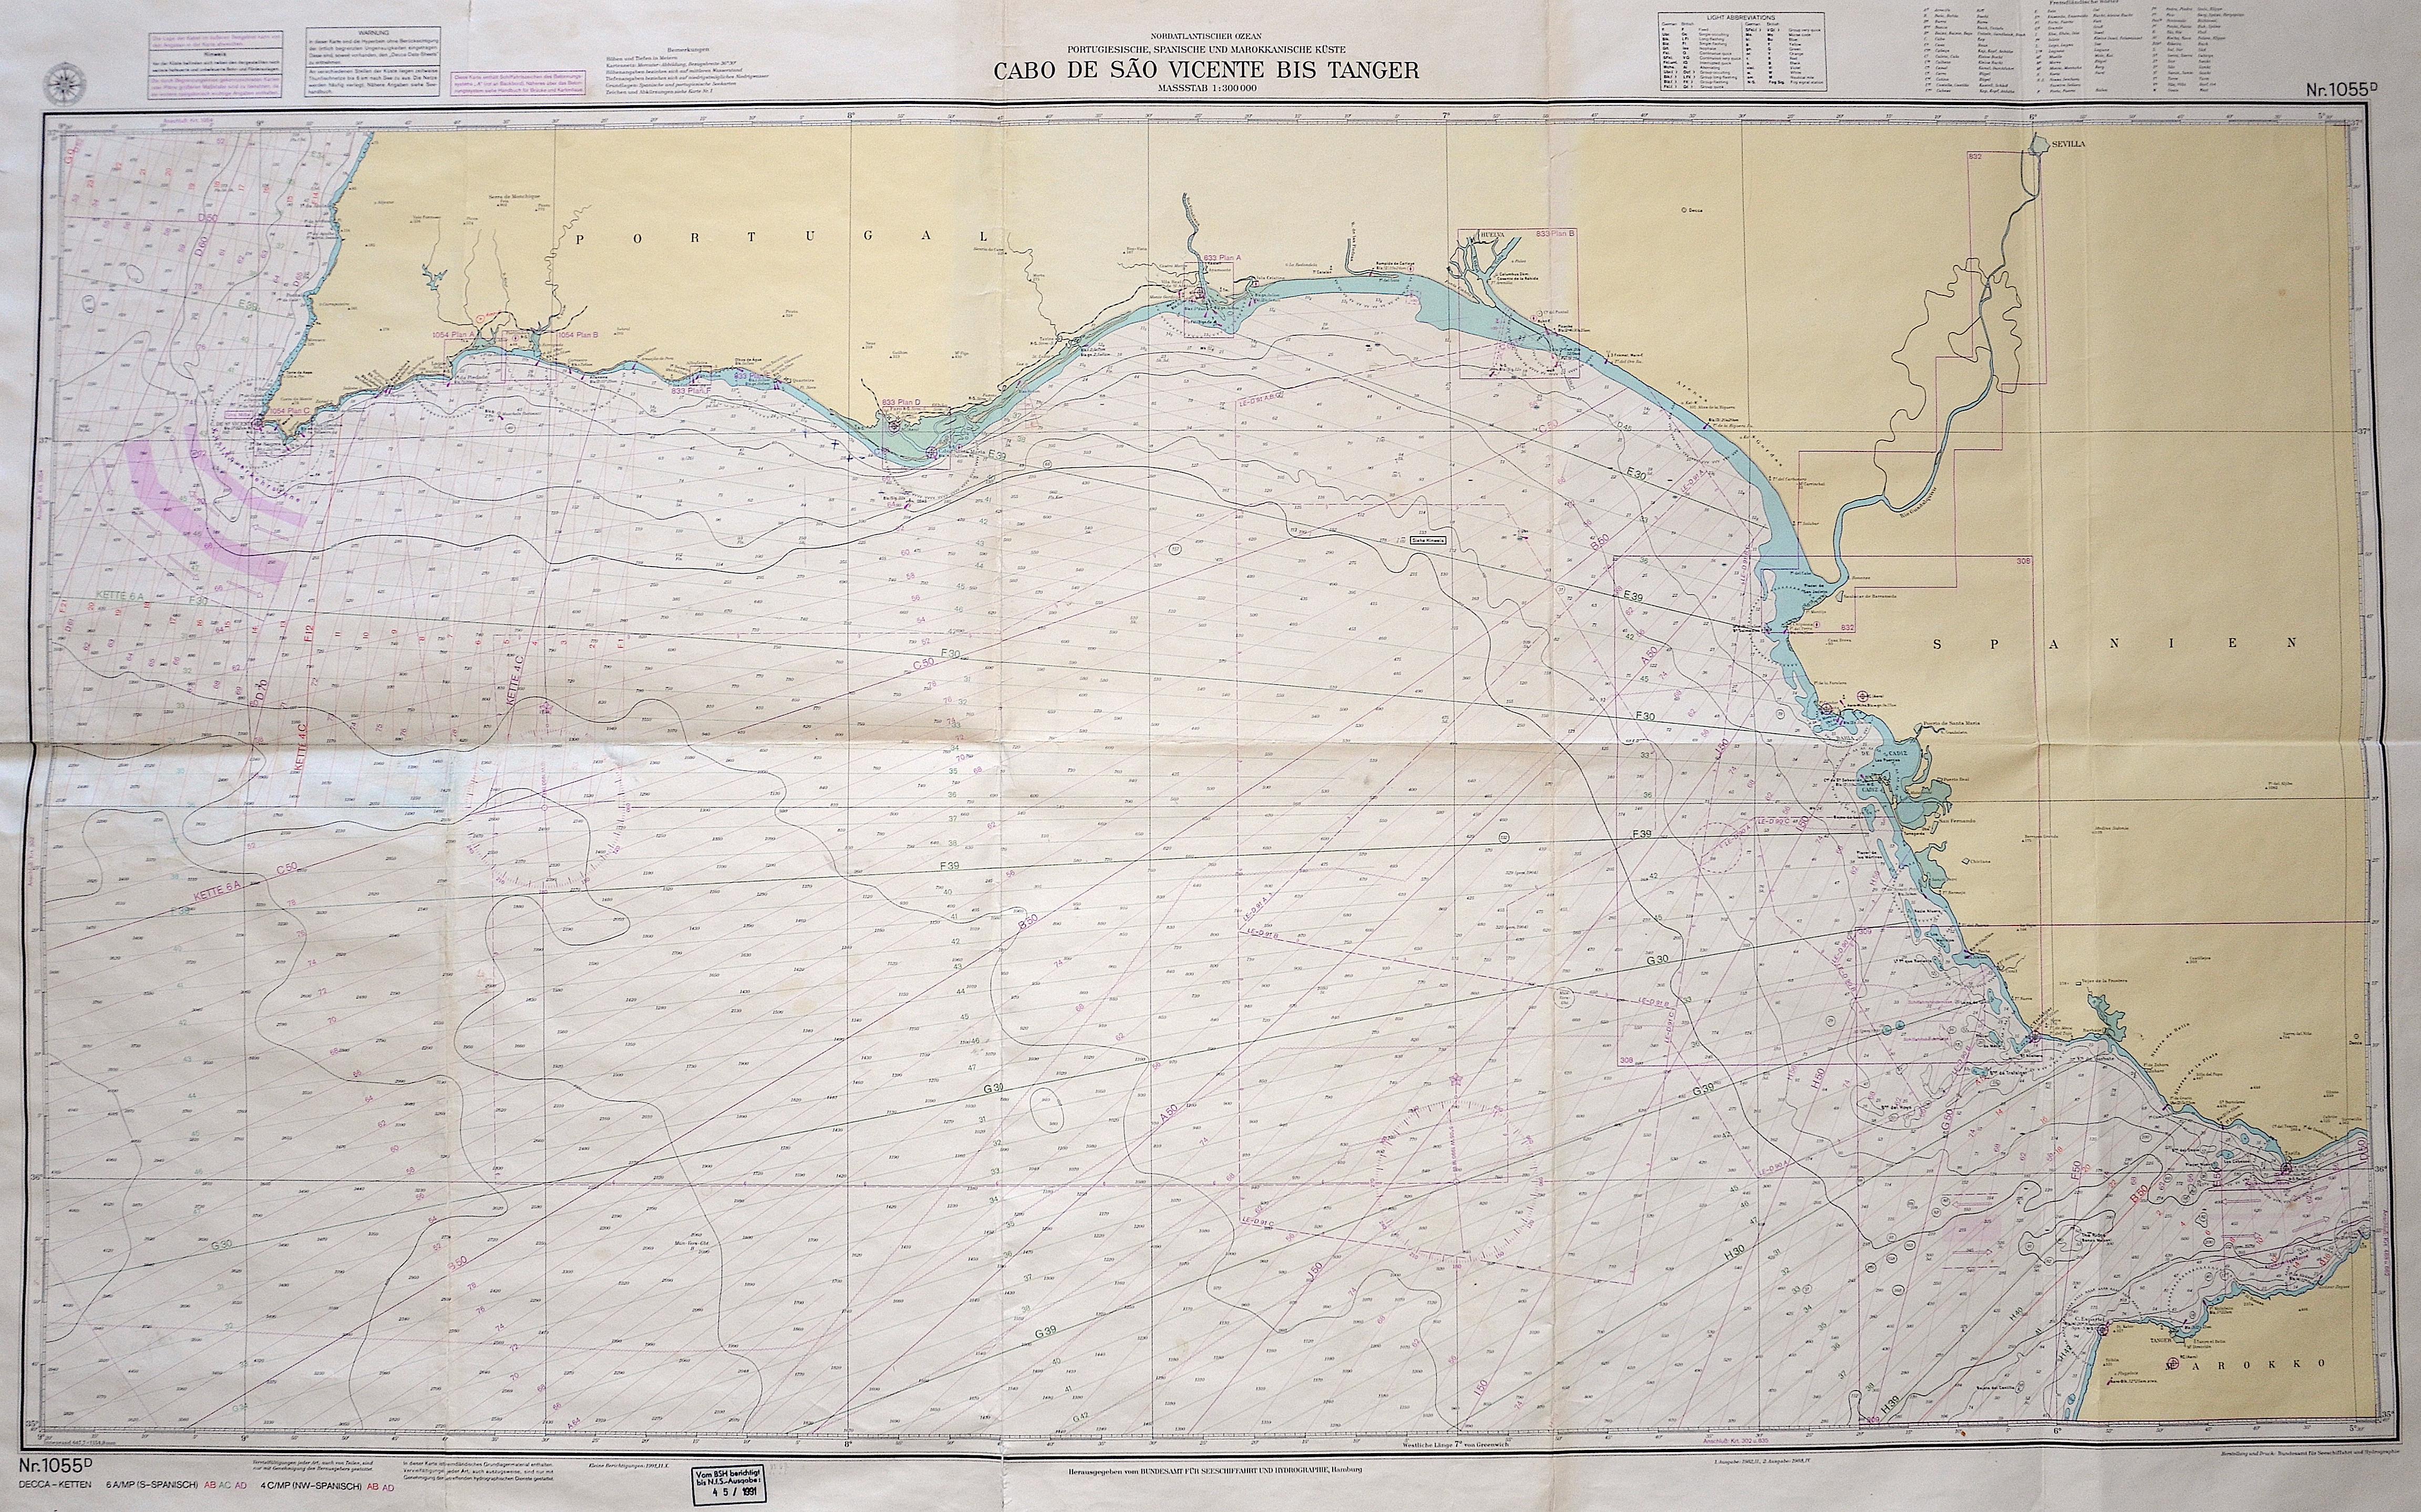 Bundesamt für Seeschiffahrt und Hydrographie  Cabo de Sao Vincente bis Tanger